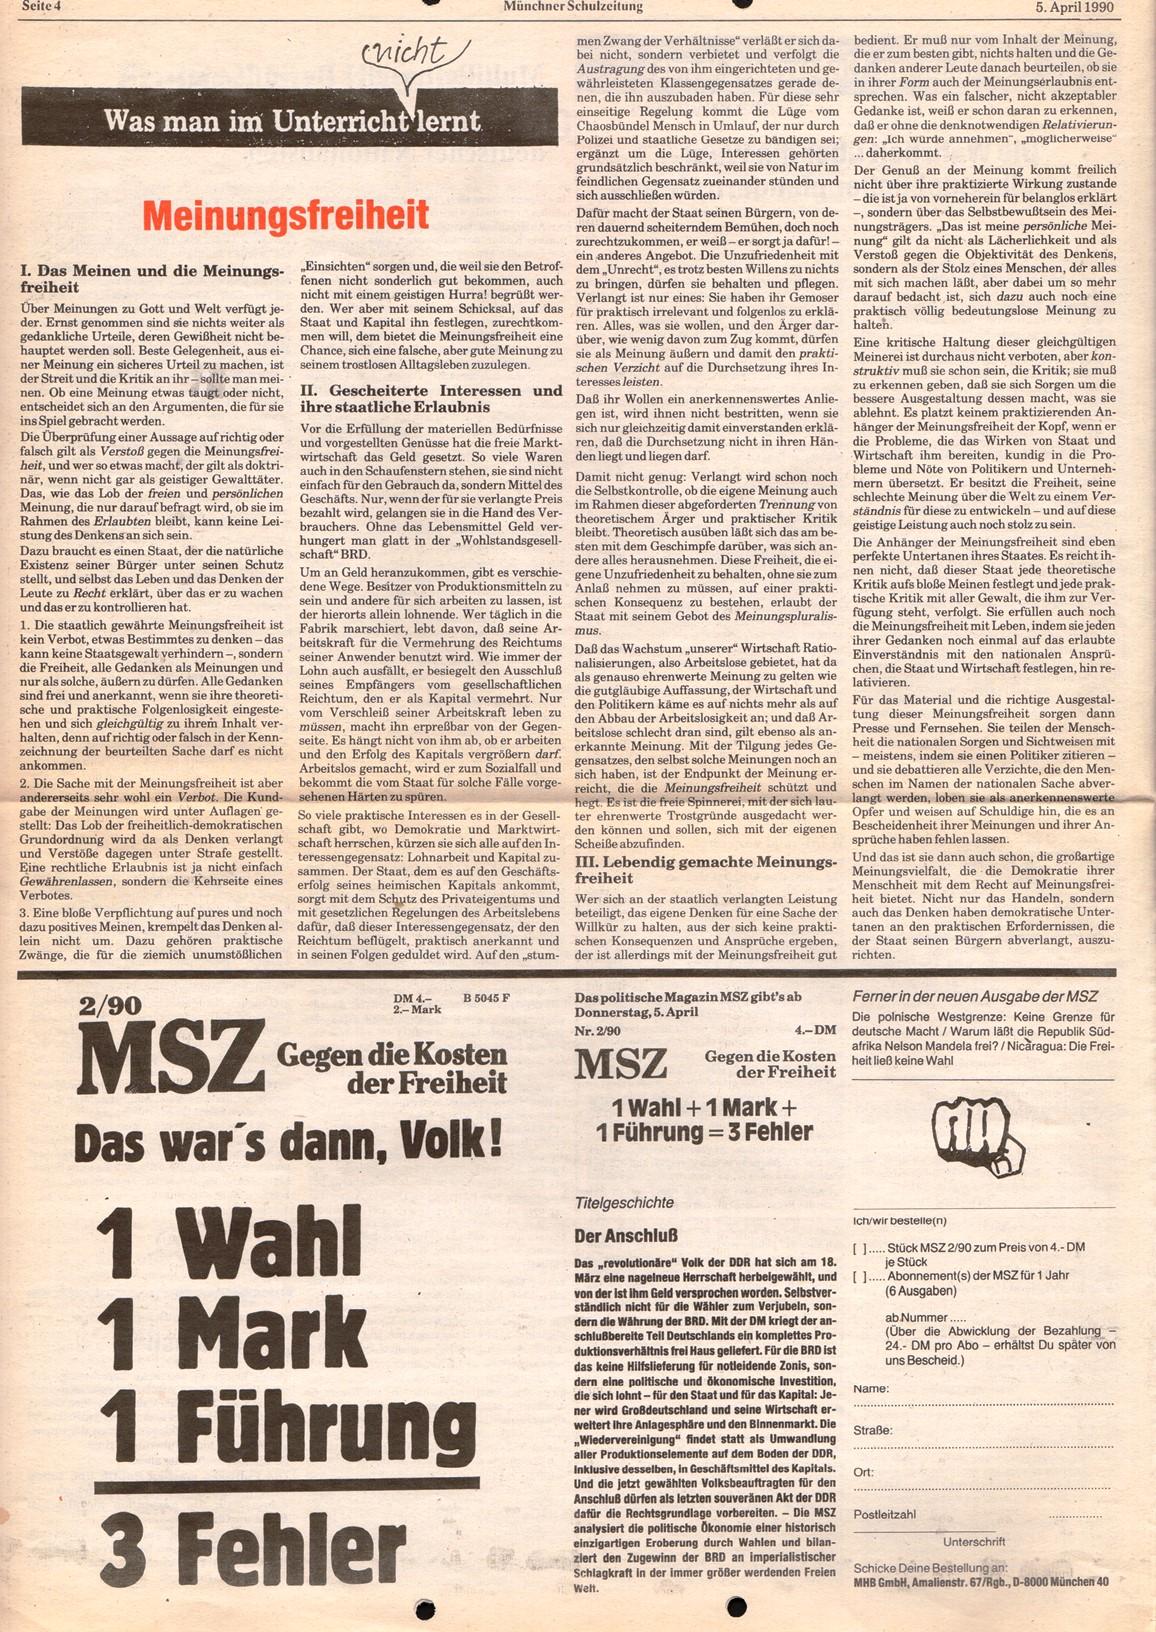 Muenchen_MG_Schulzeitung_19900405_04